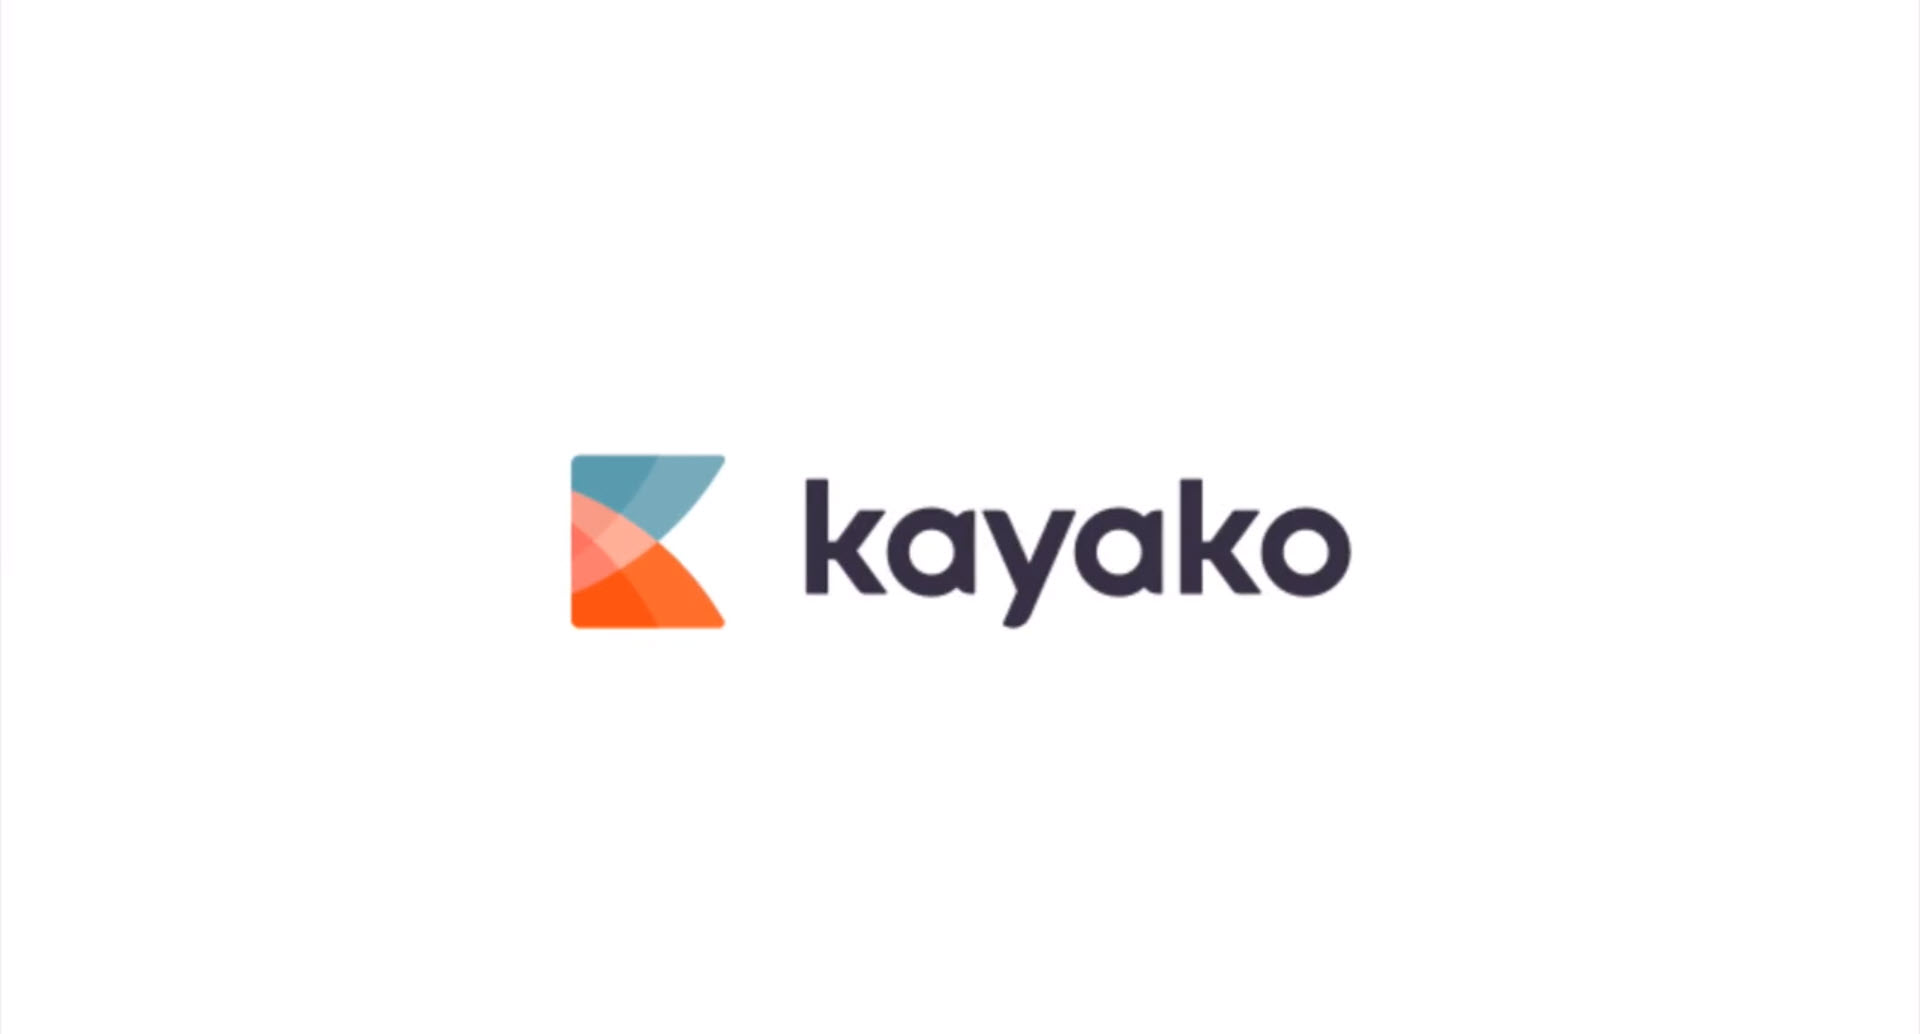 Kayako